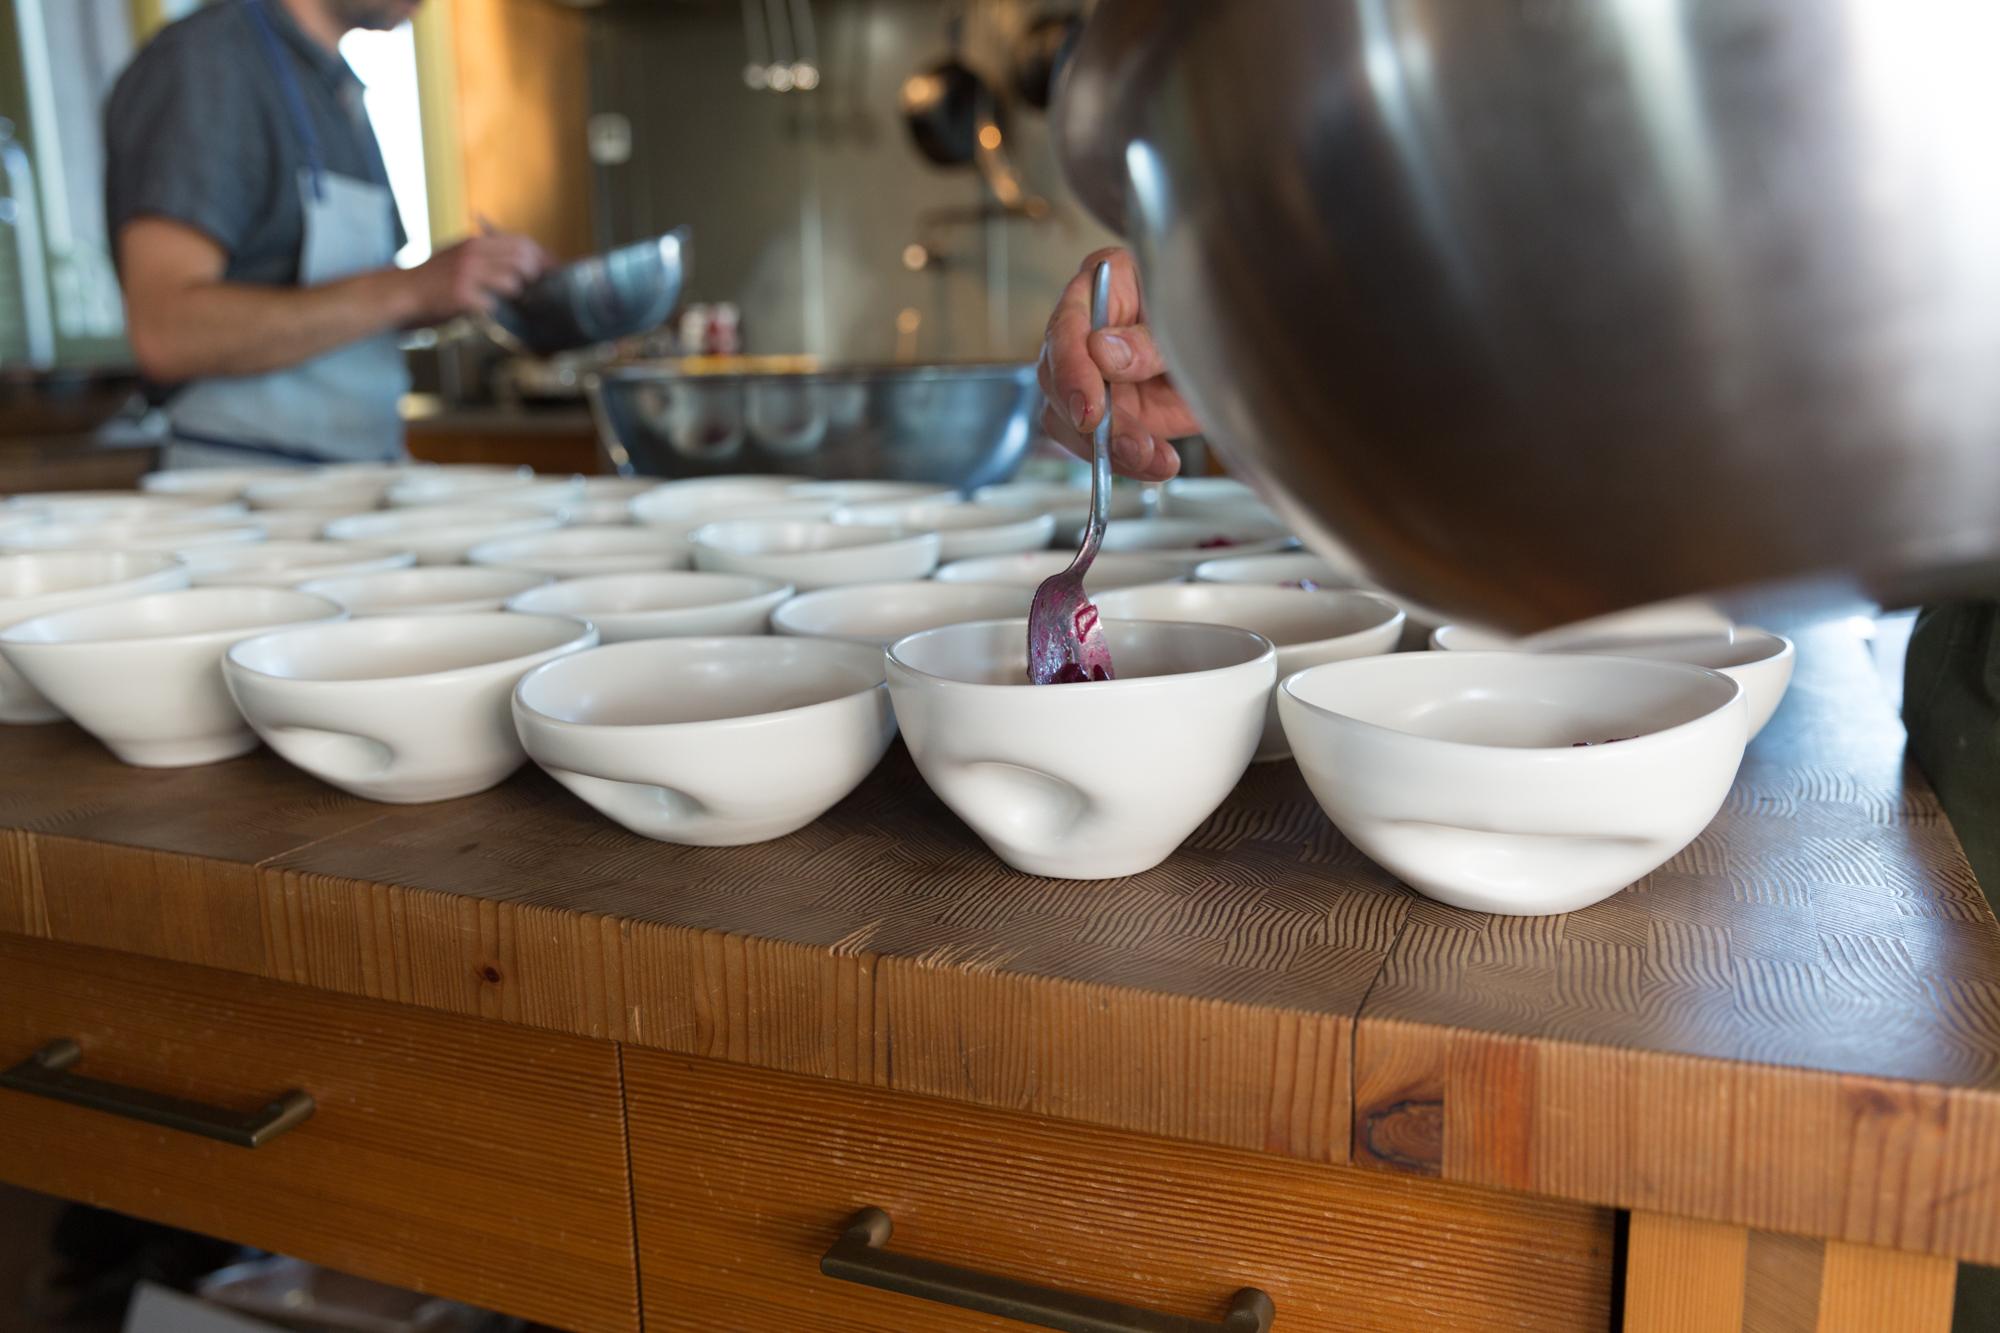 c stoll soter ipnc 2018 handmade porcelain bowl.jpg